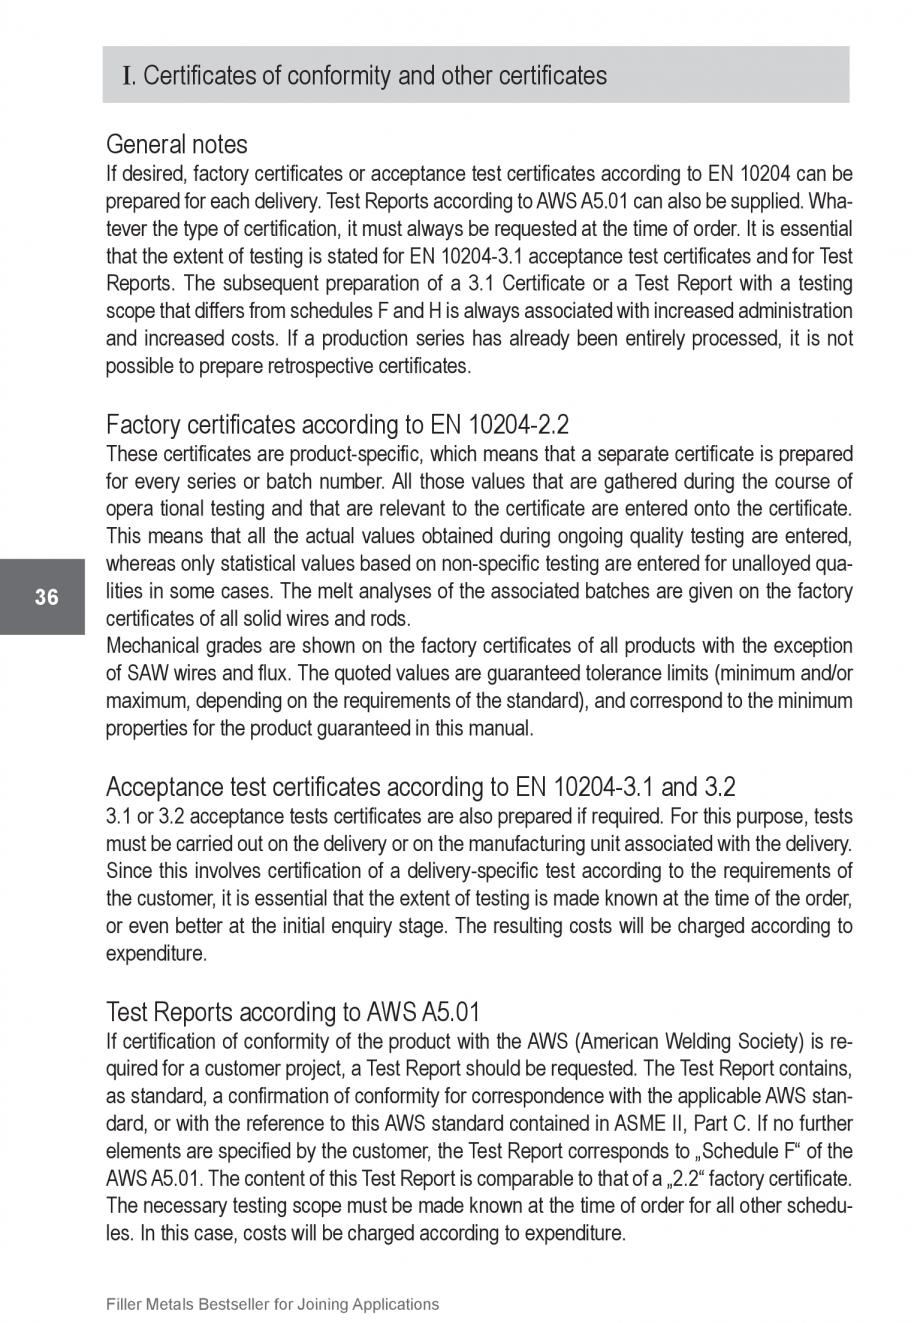 Pagina 36 - Solutii complete (materiale de adaos) pentru orice tip de aplicatie in sudare TEHNIC GAZ...